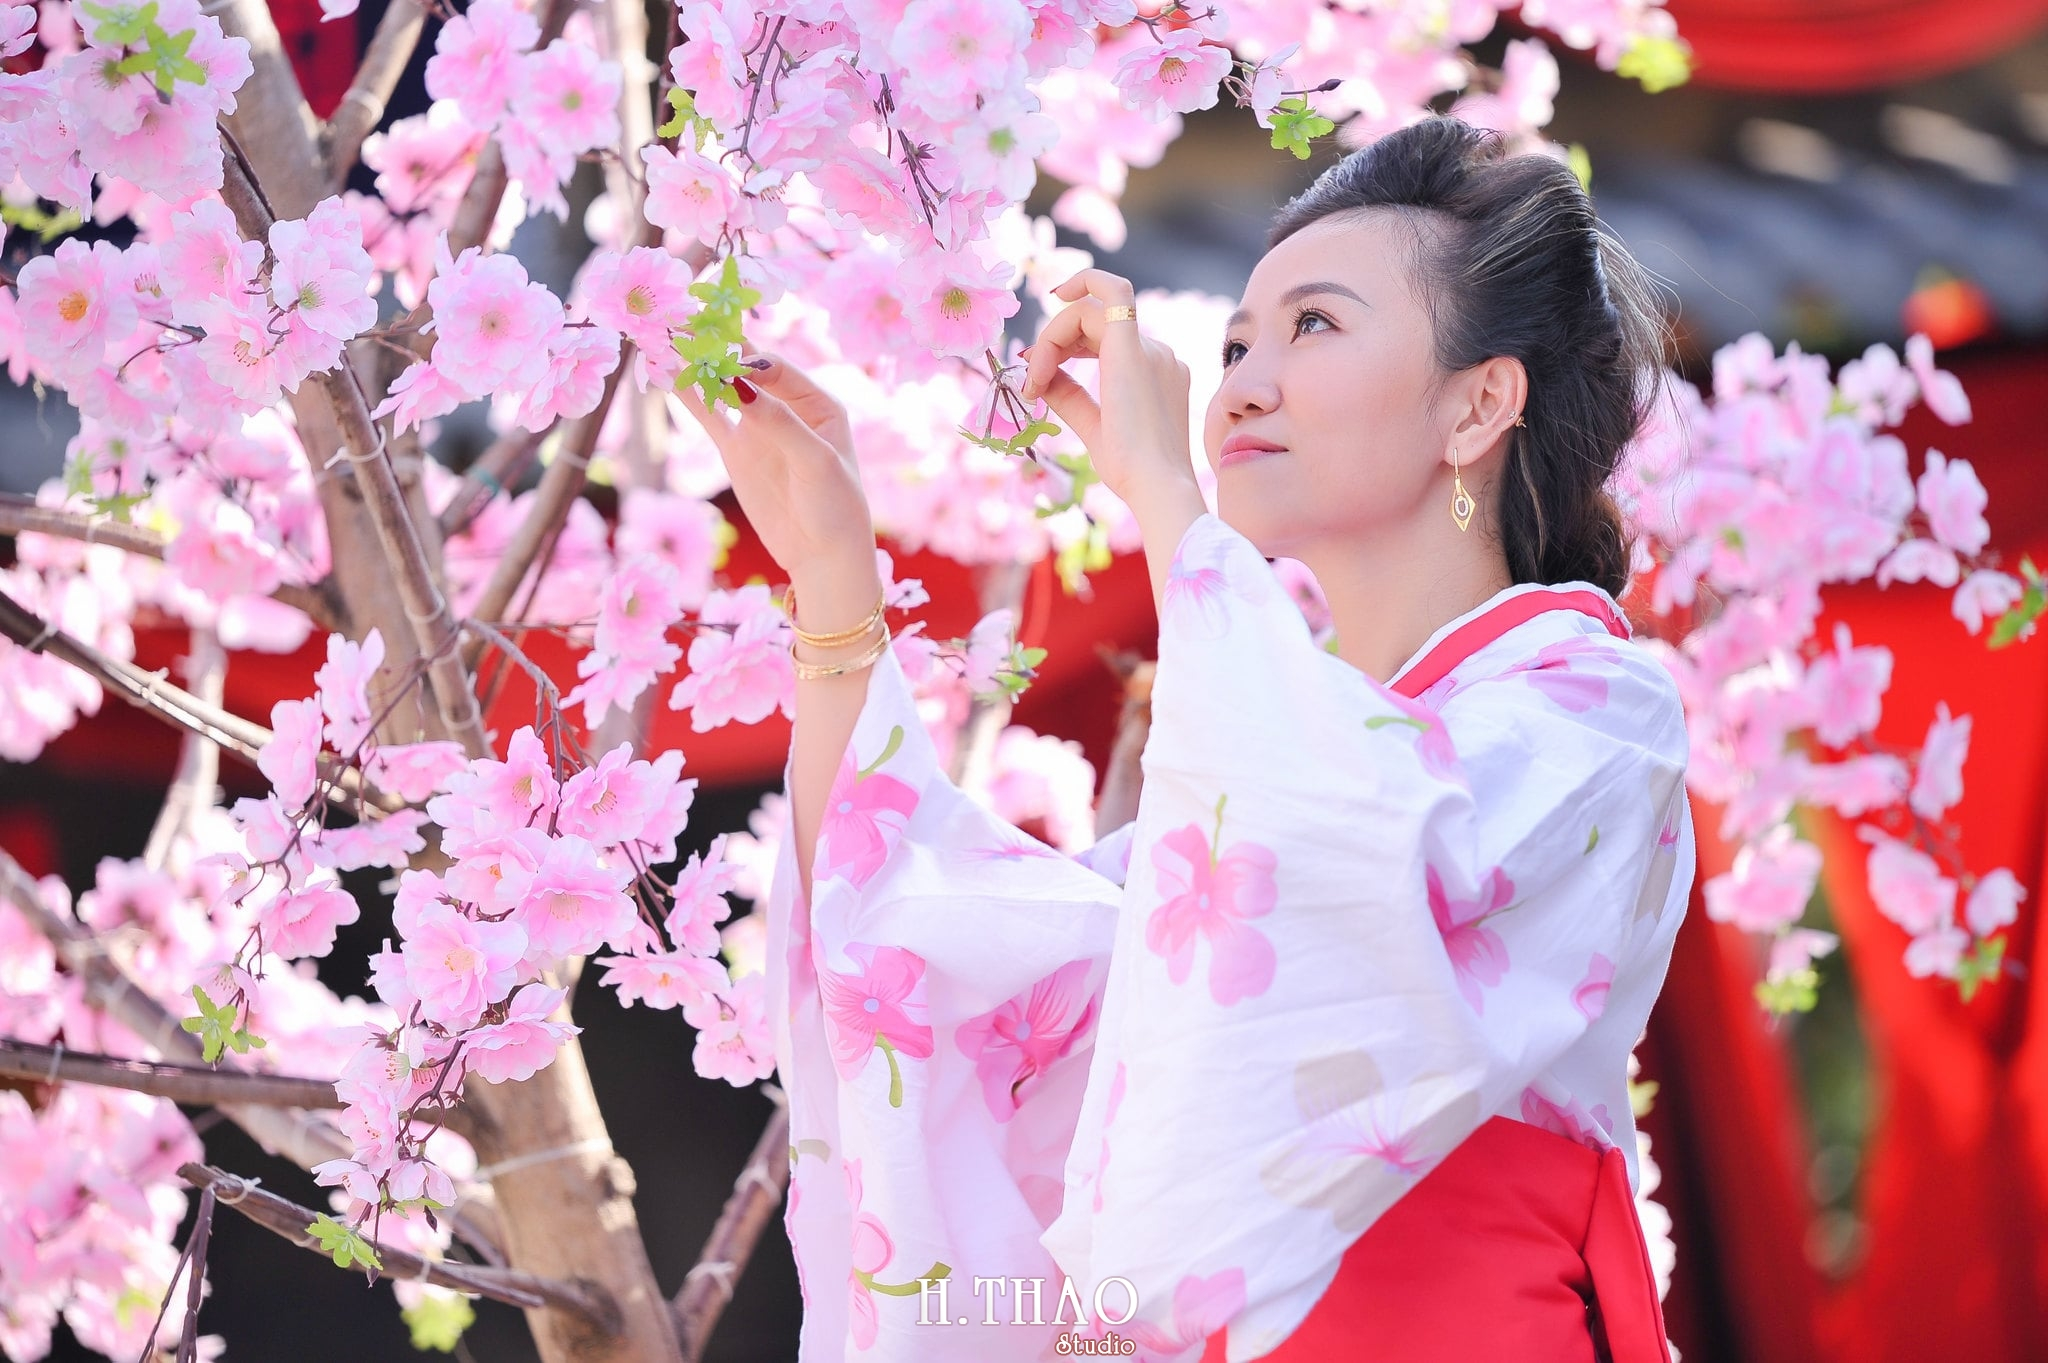 Anh chup voi Kimono 10 - Bộ ảnh couple chụp với Kimono theo phong cách Nhật Bản